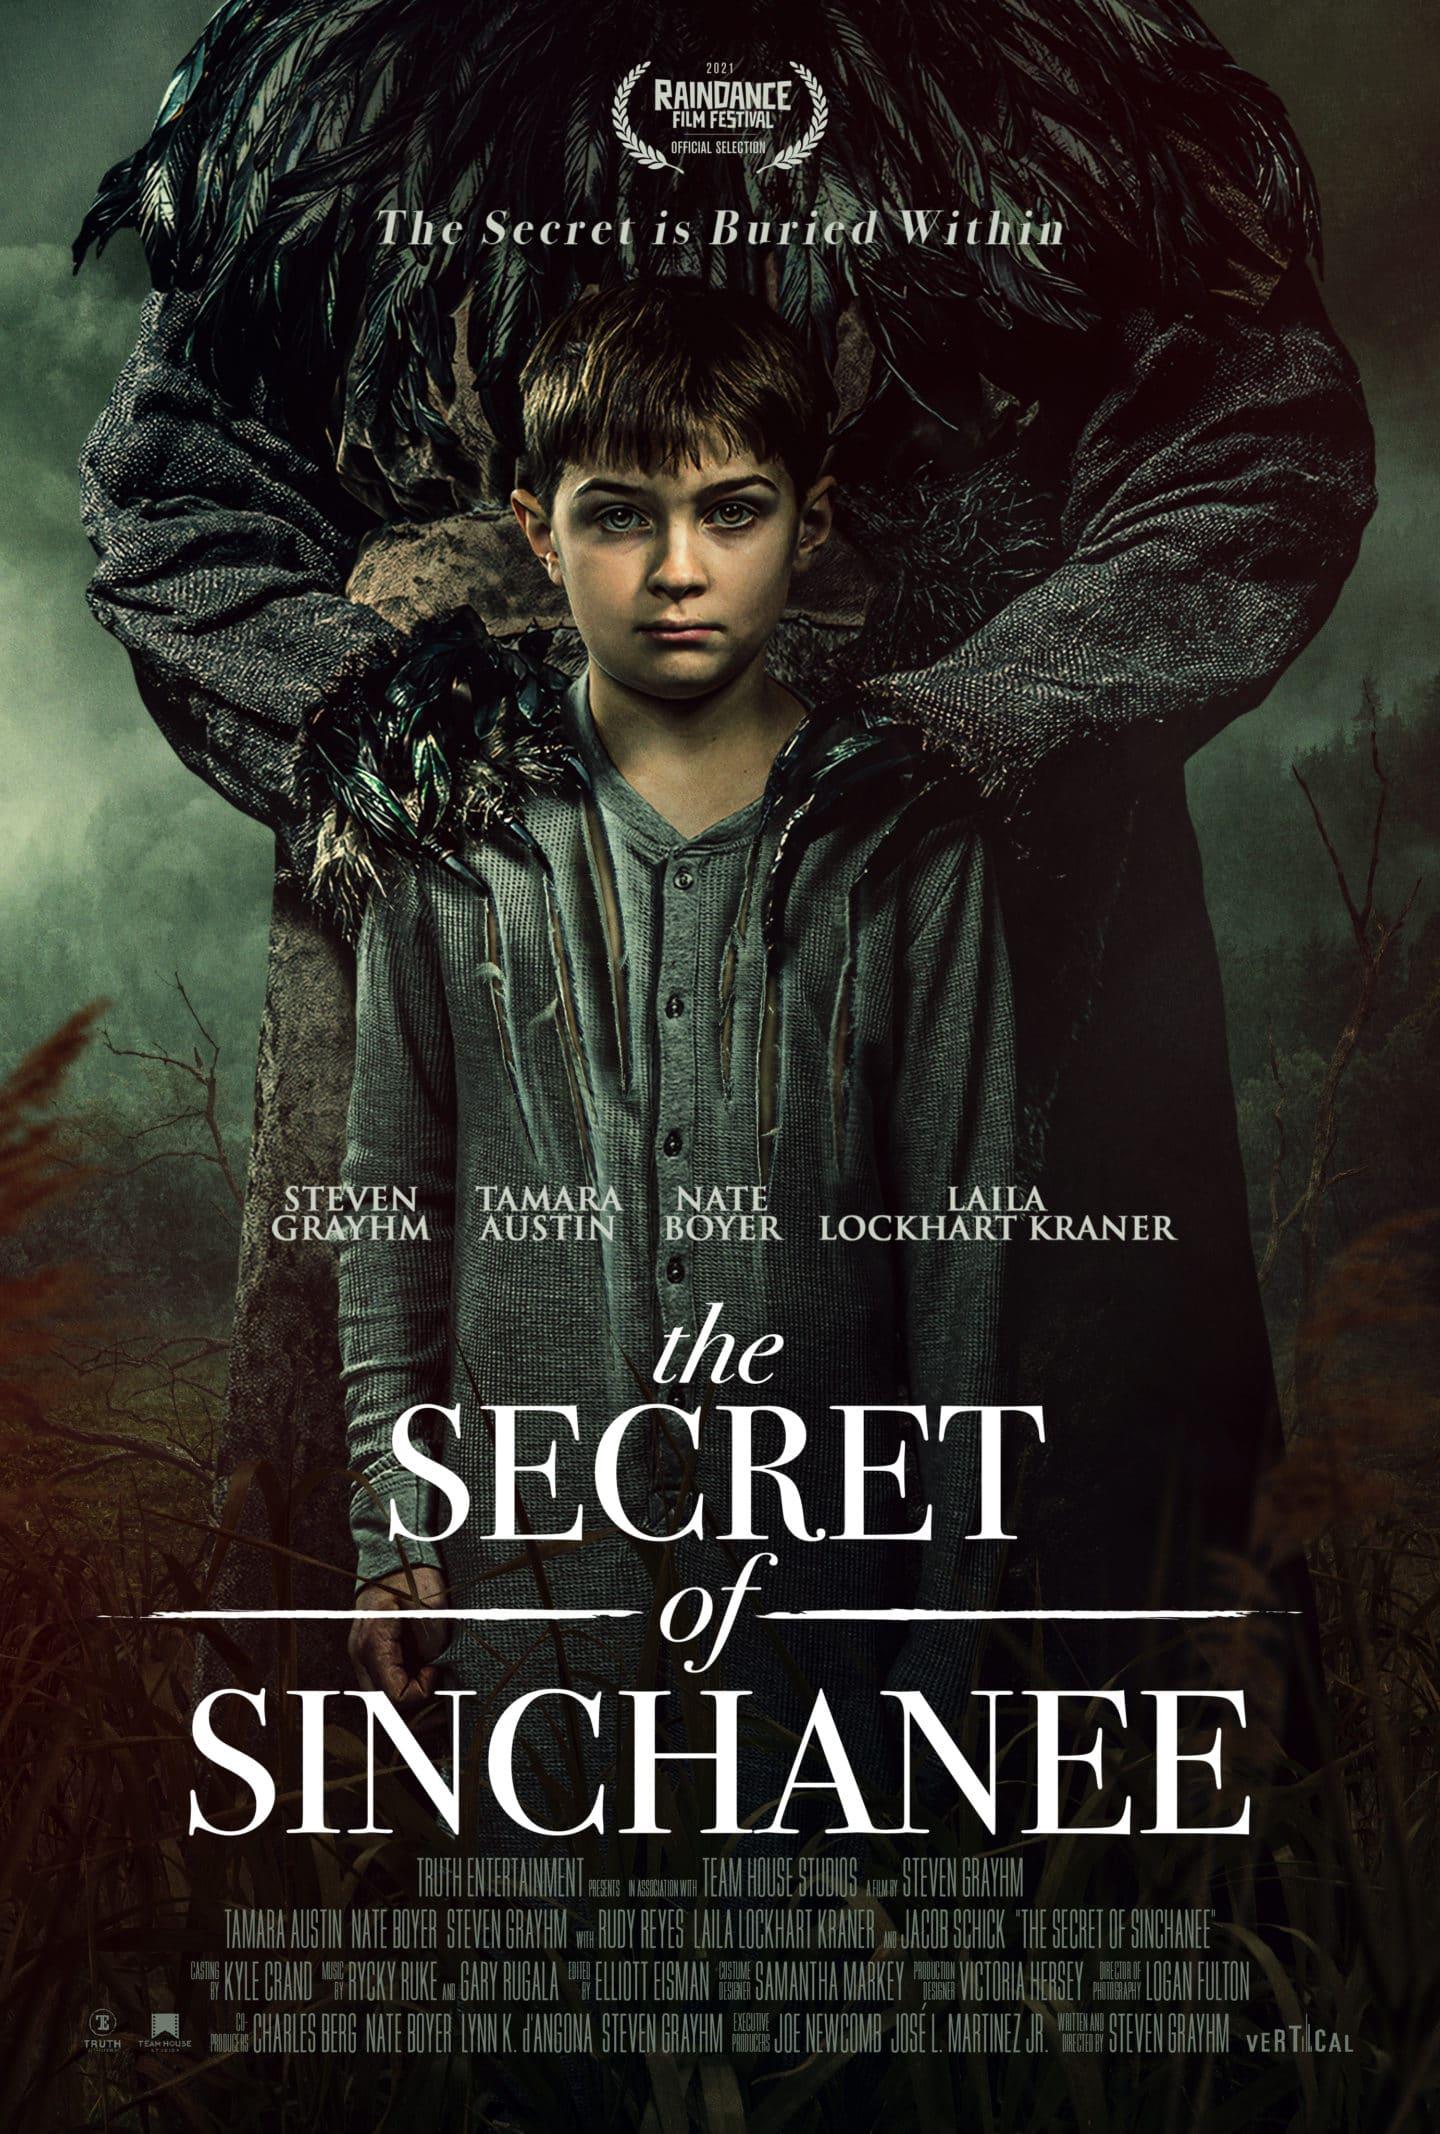 The Secret of Sinchanee – Teaser Poster